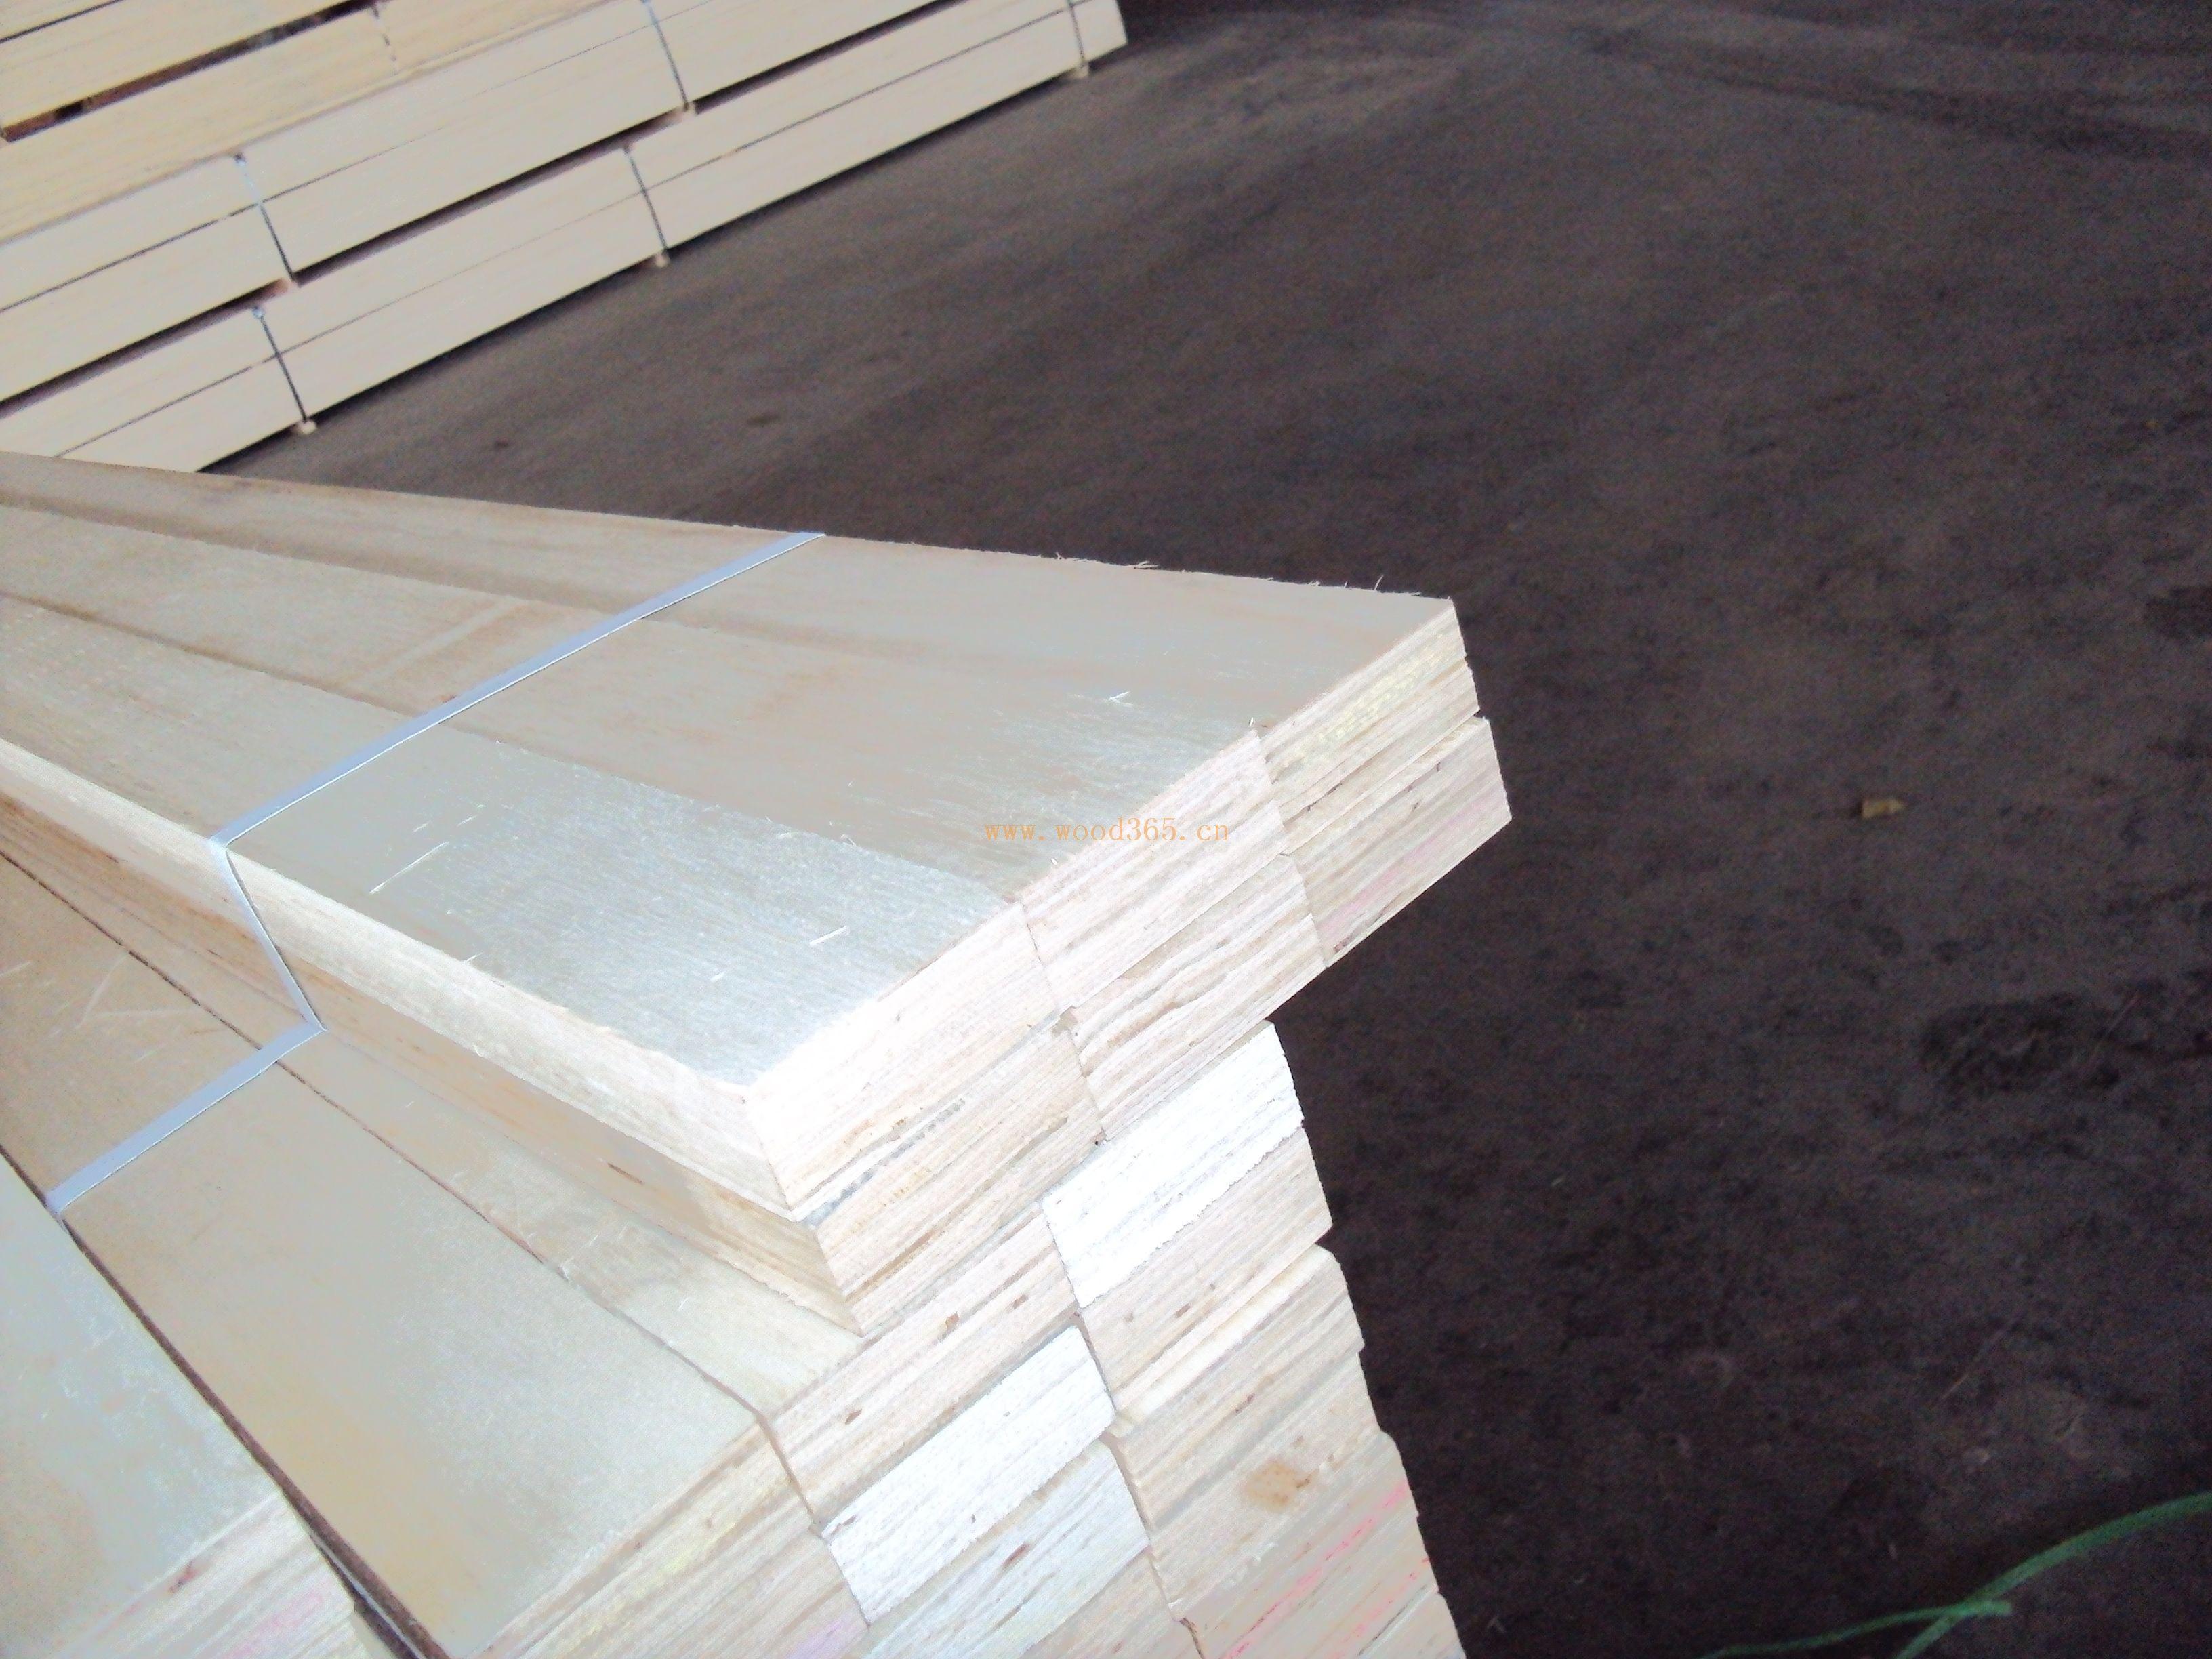 山东—寿光市富士木业有限公司